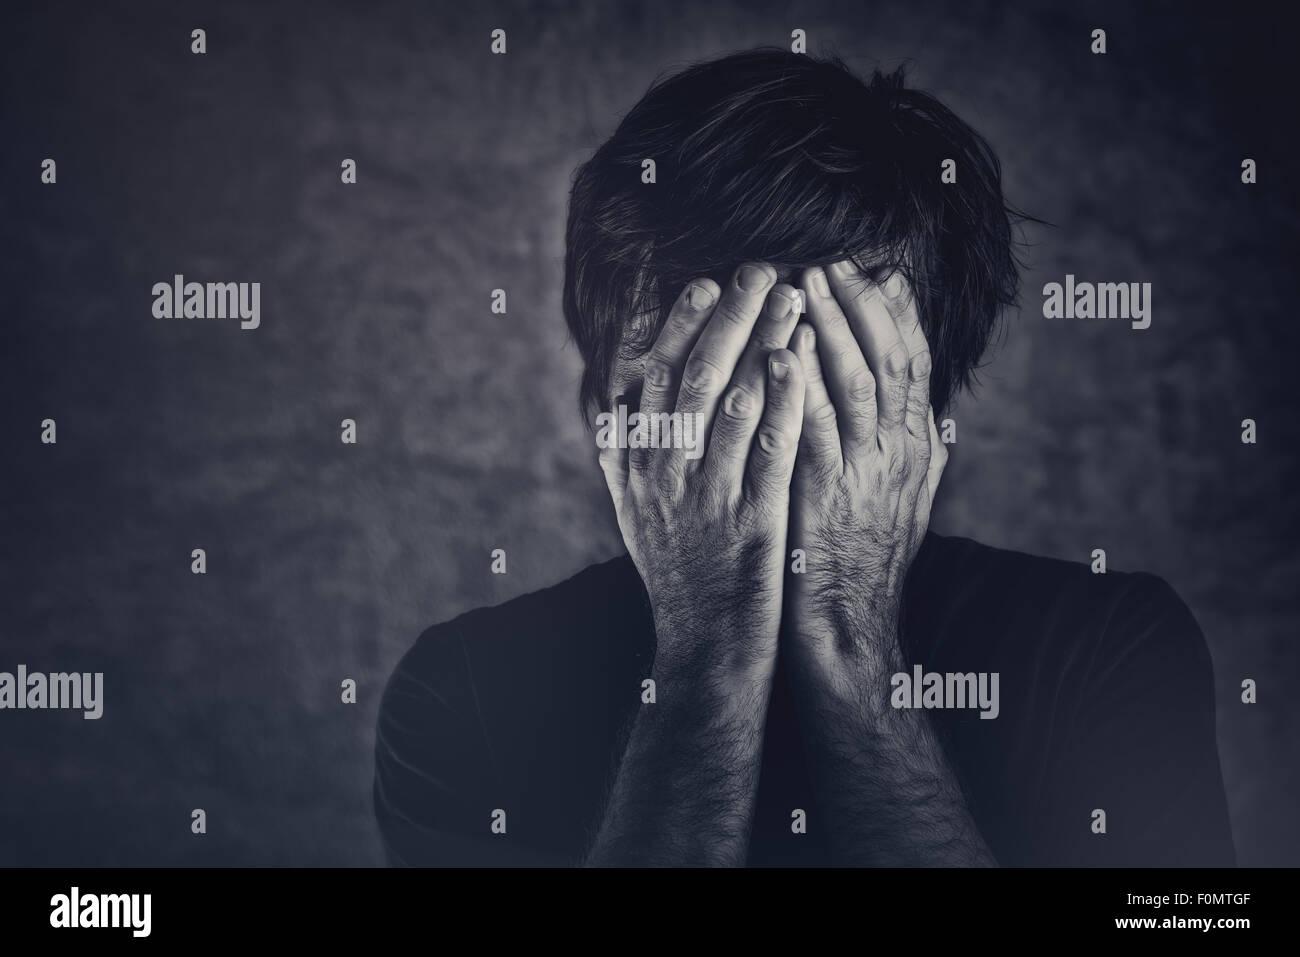 El dolor, el hombre que cubren la cara y llorando, imágenes monocromáticas Imagen De Stock